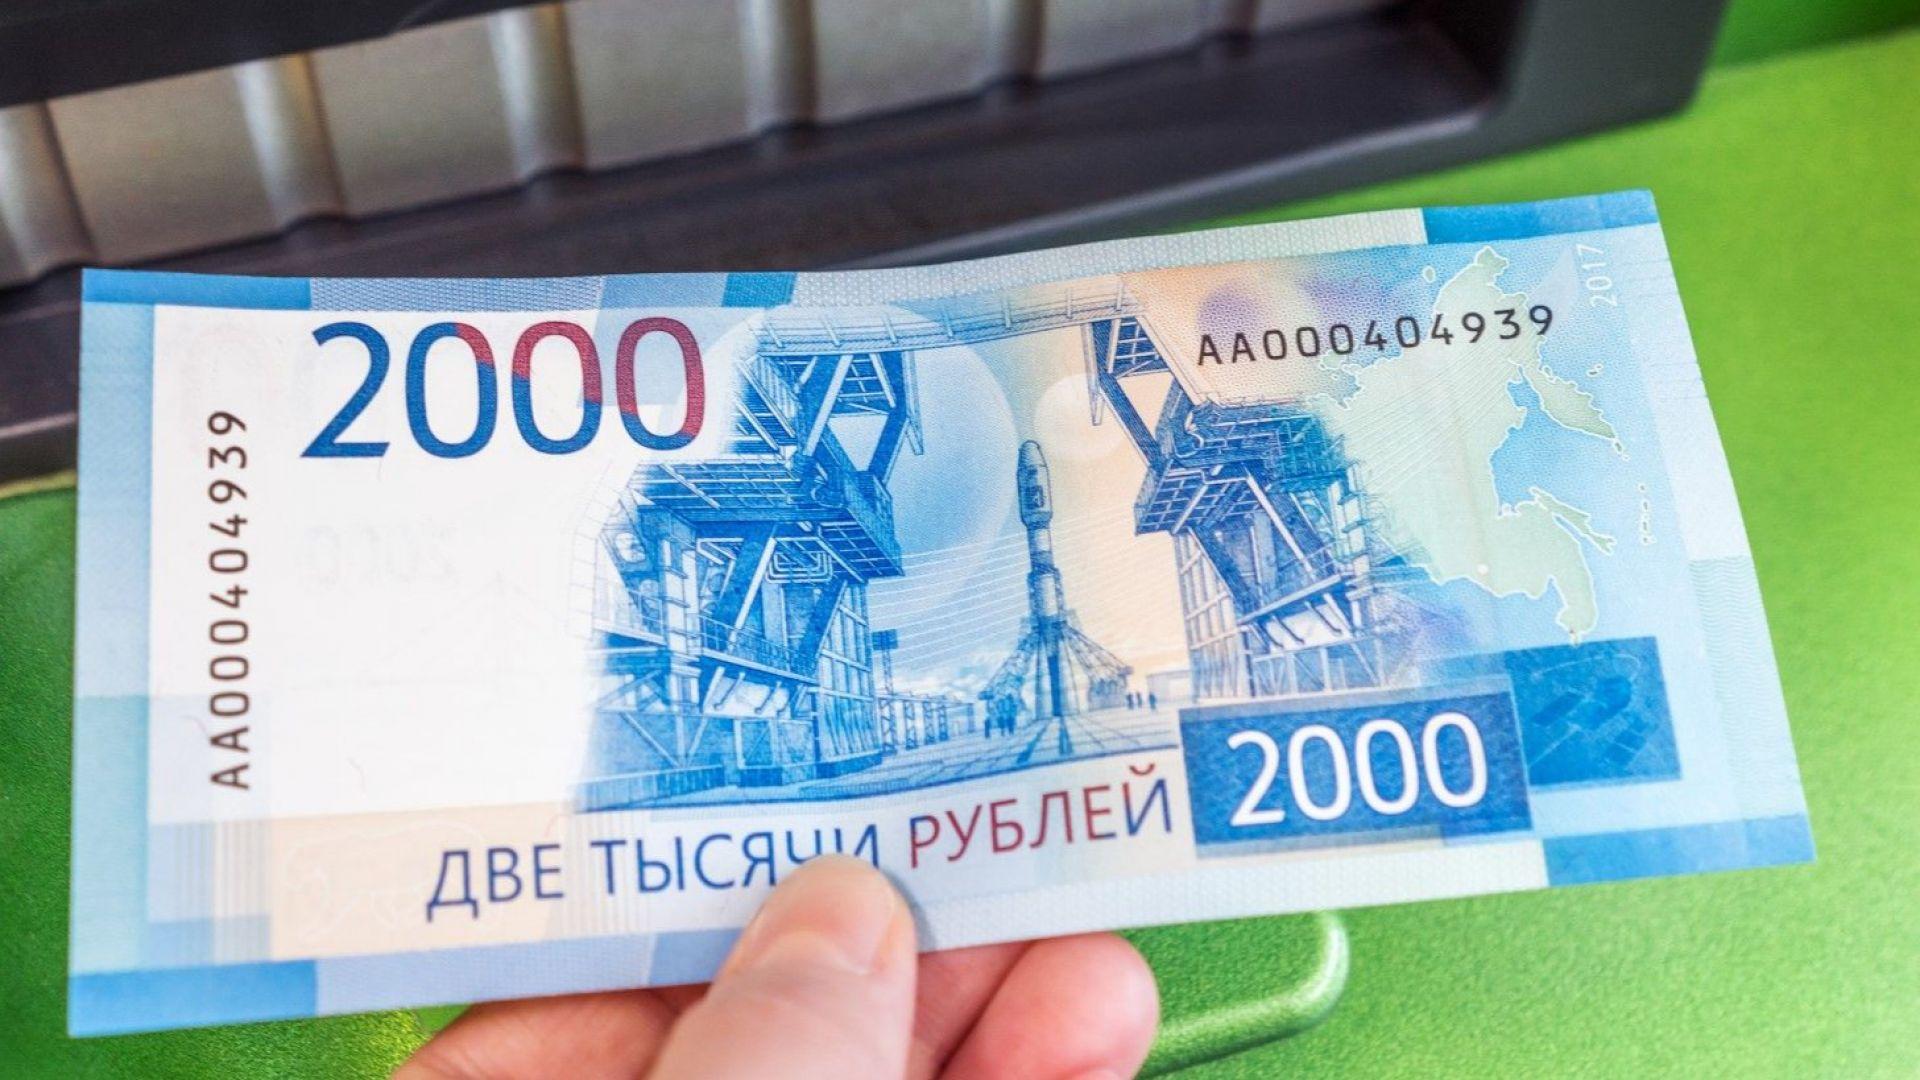 Централната банка на Русия вдигна лихвата, рублата поскъпна